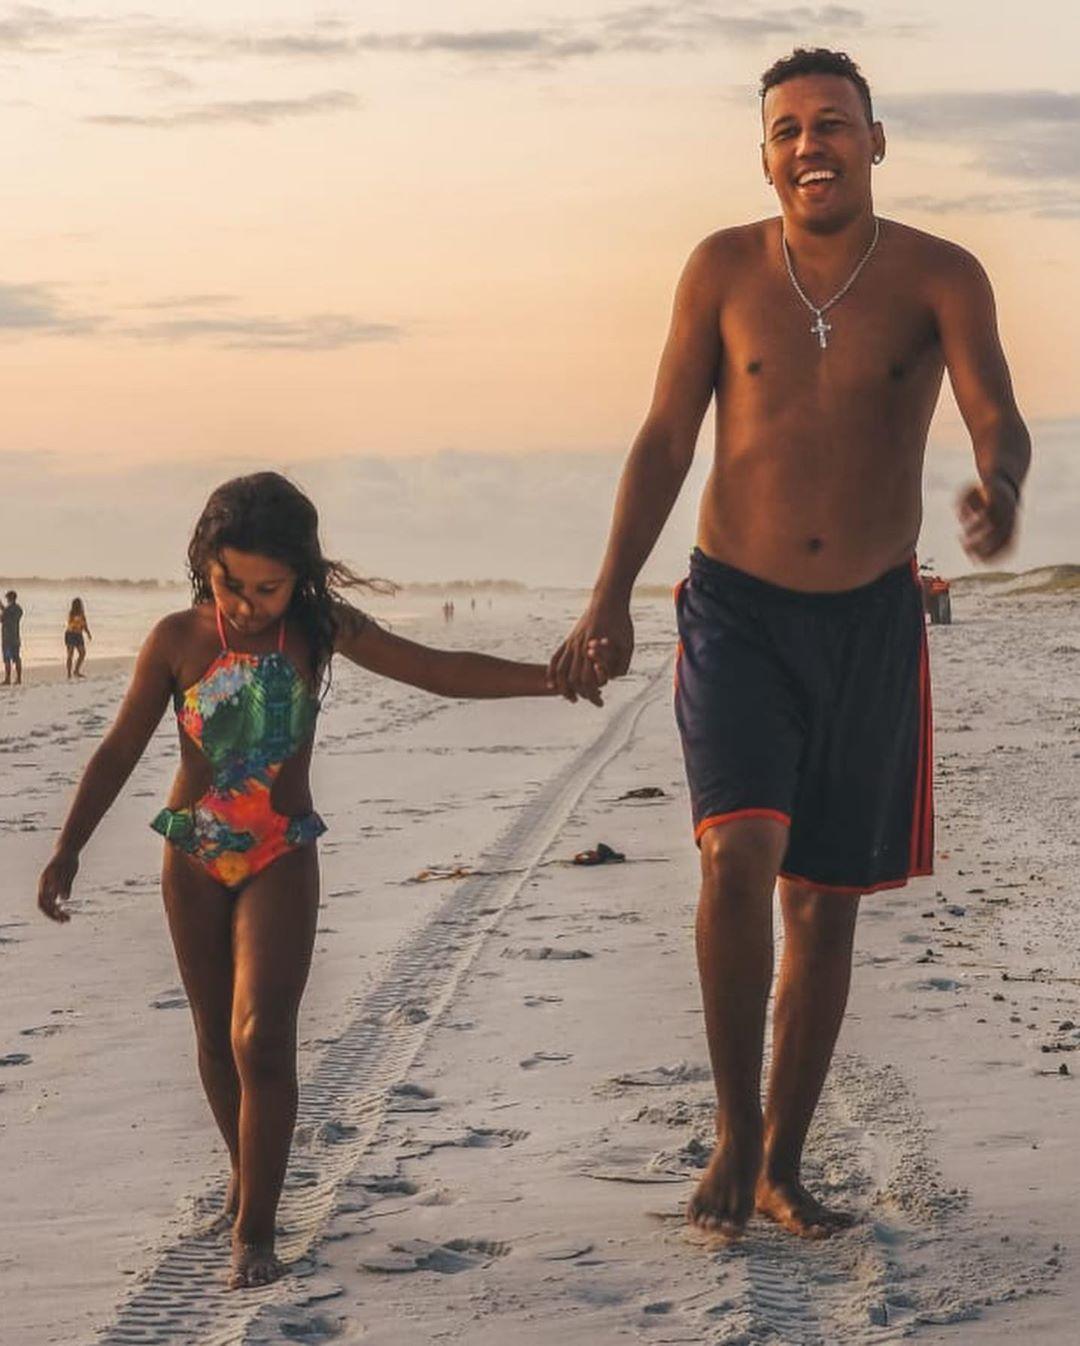 pai e filha passeio de barco ganham passeio arraial do cabo